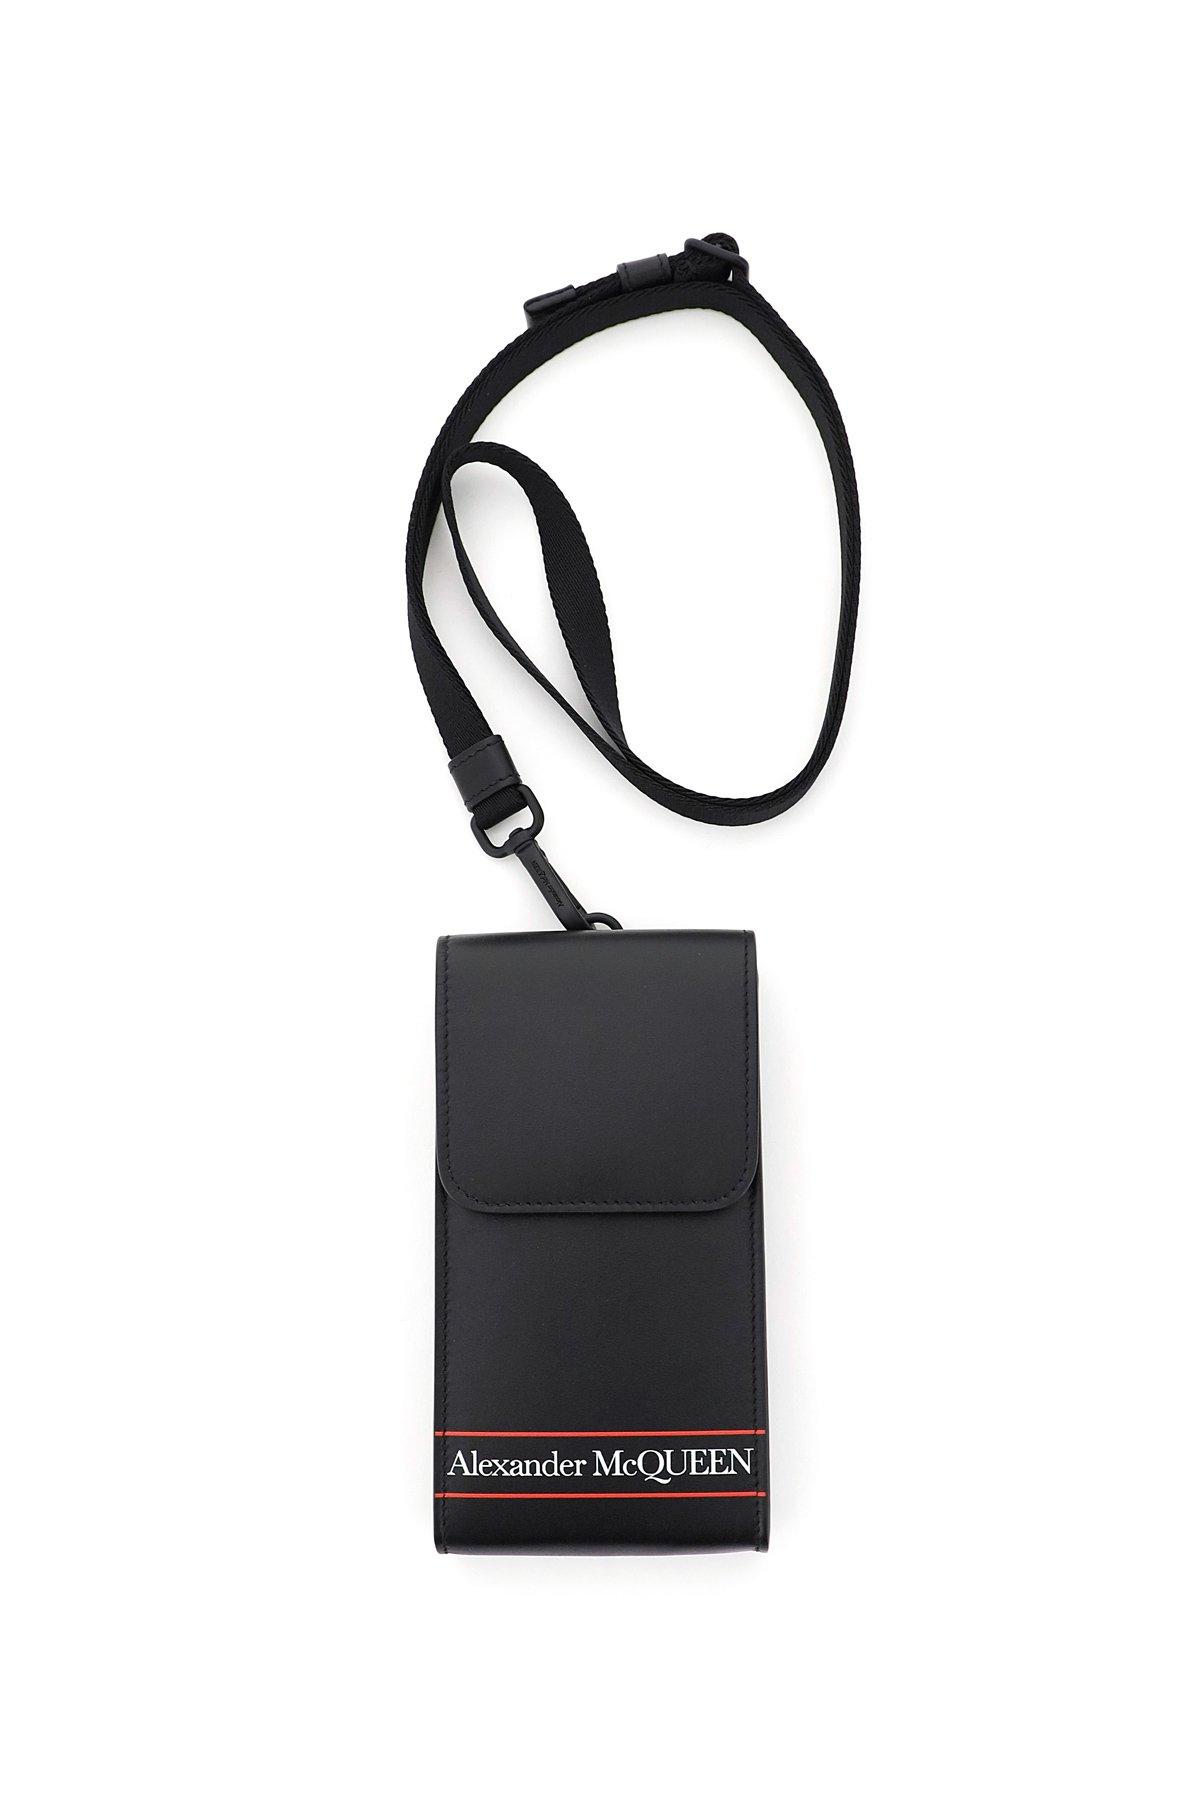 Alexander mcqueen phone pouch da collo logo selvedge